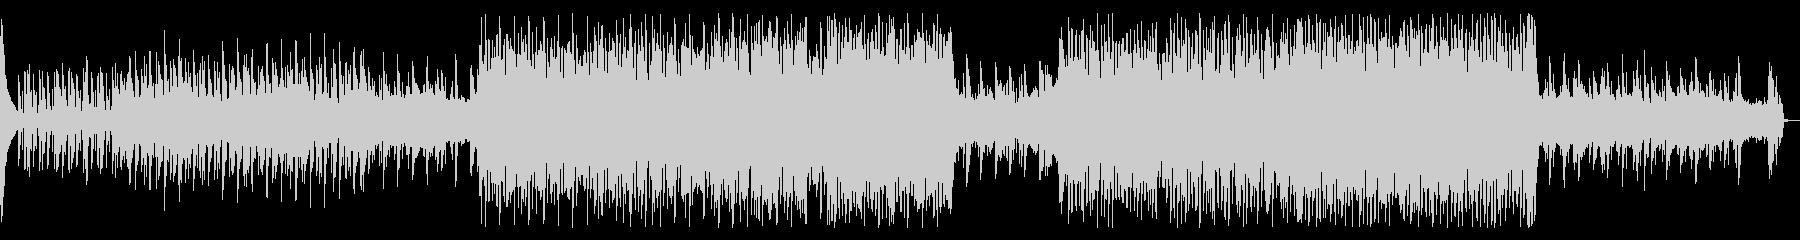 シンプルなポップテクノの未再生の波形